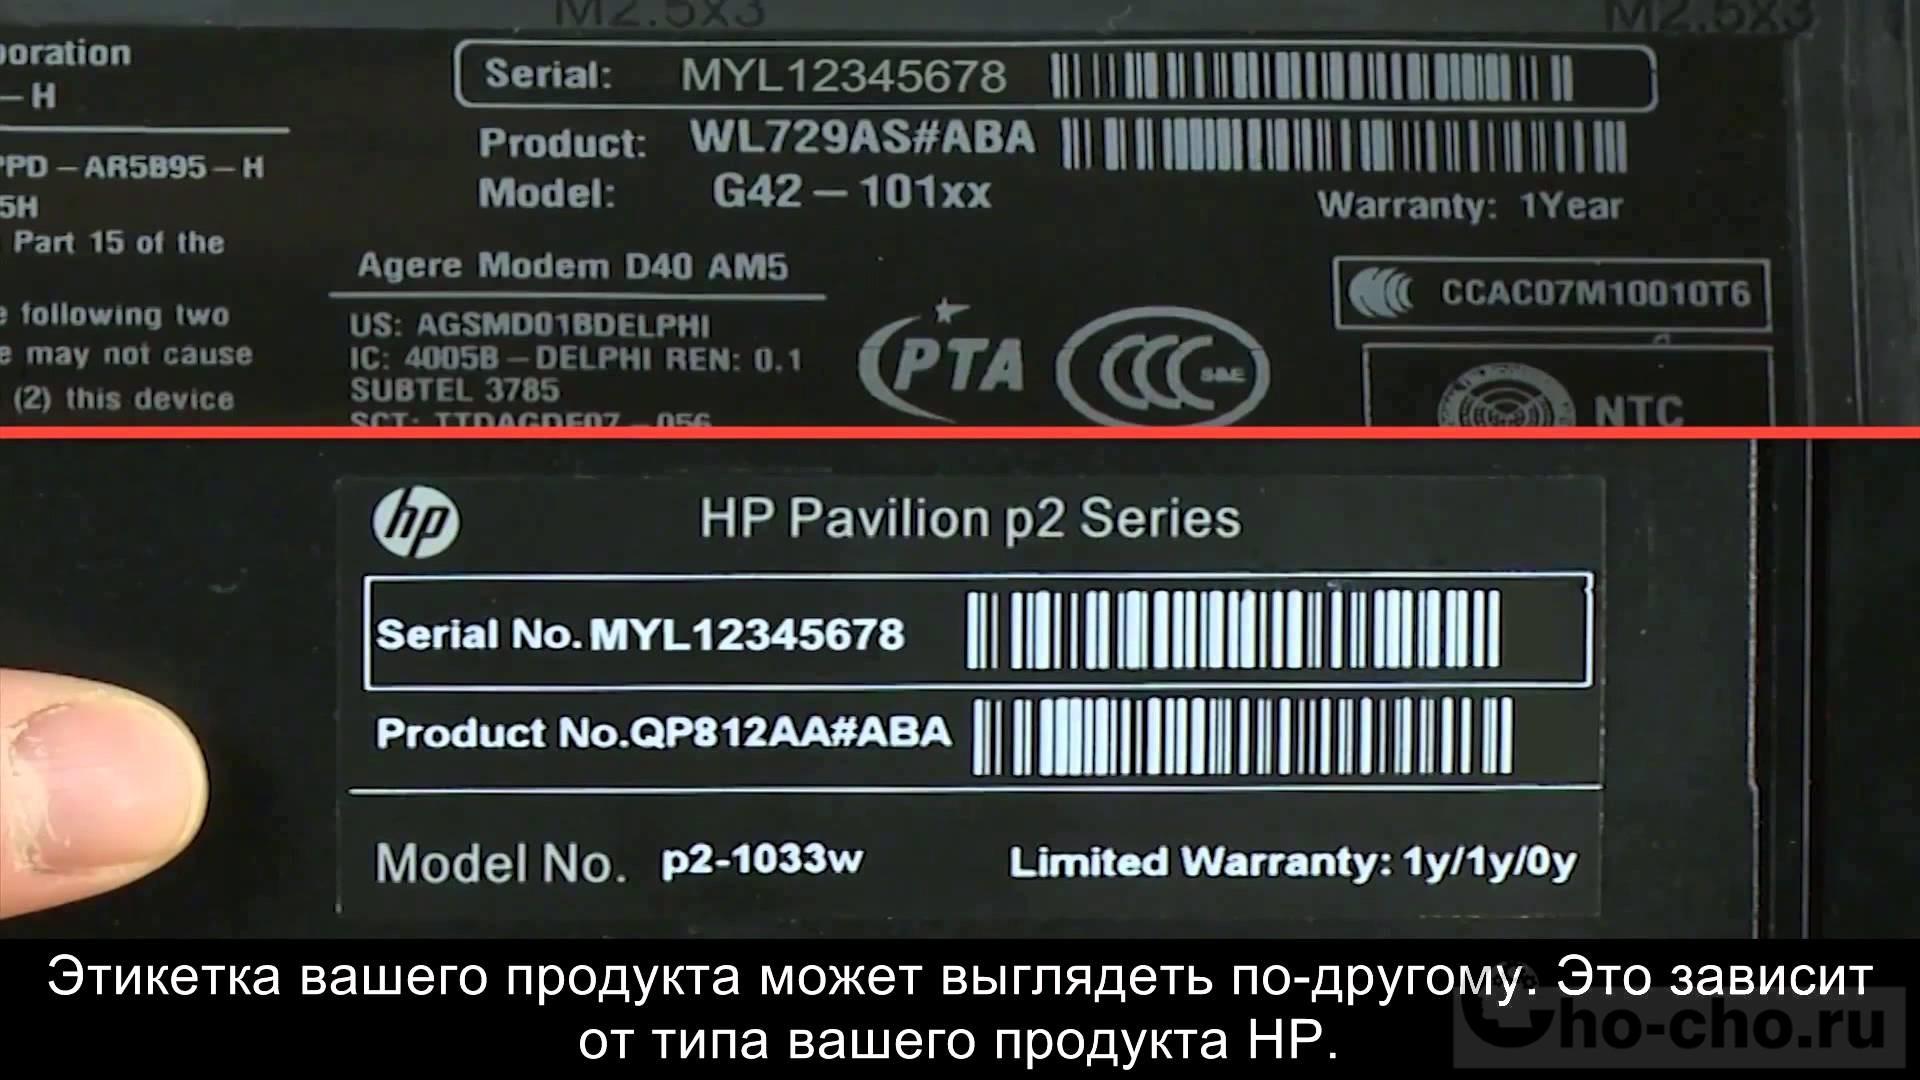 Cum să vedeți modelul laptopului HP